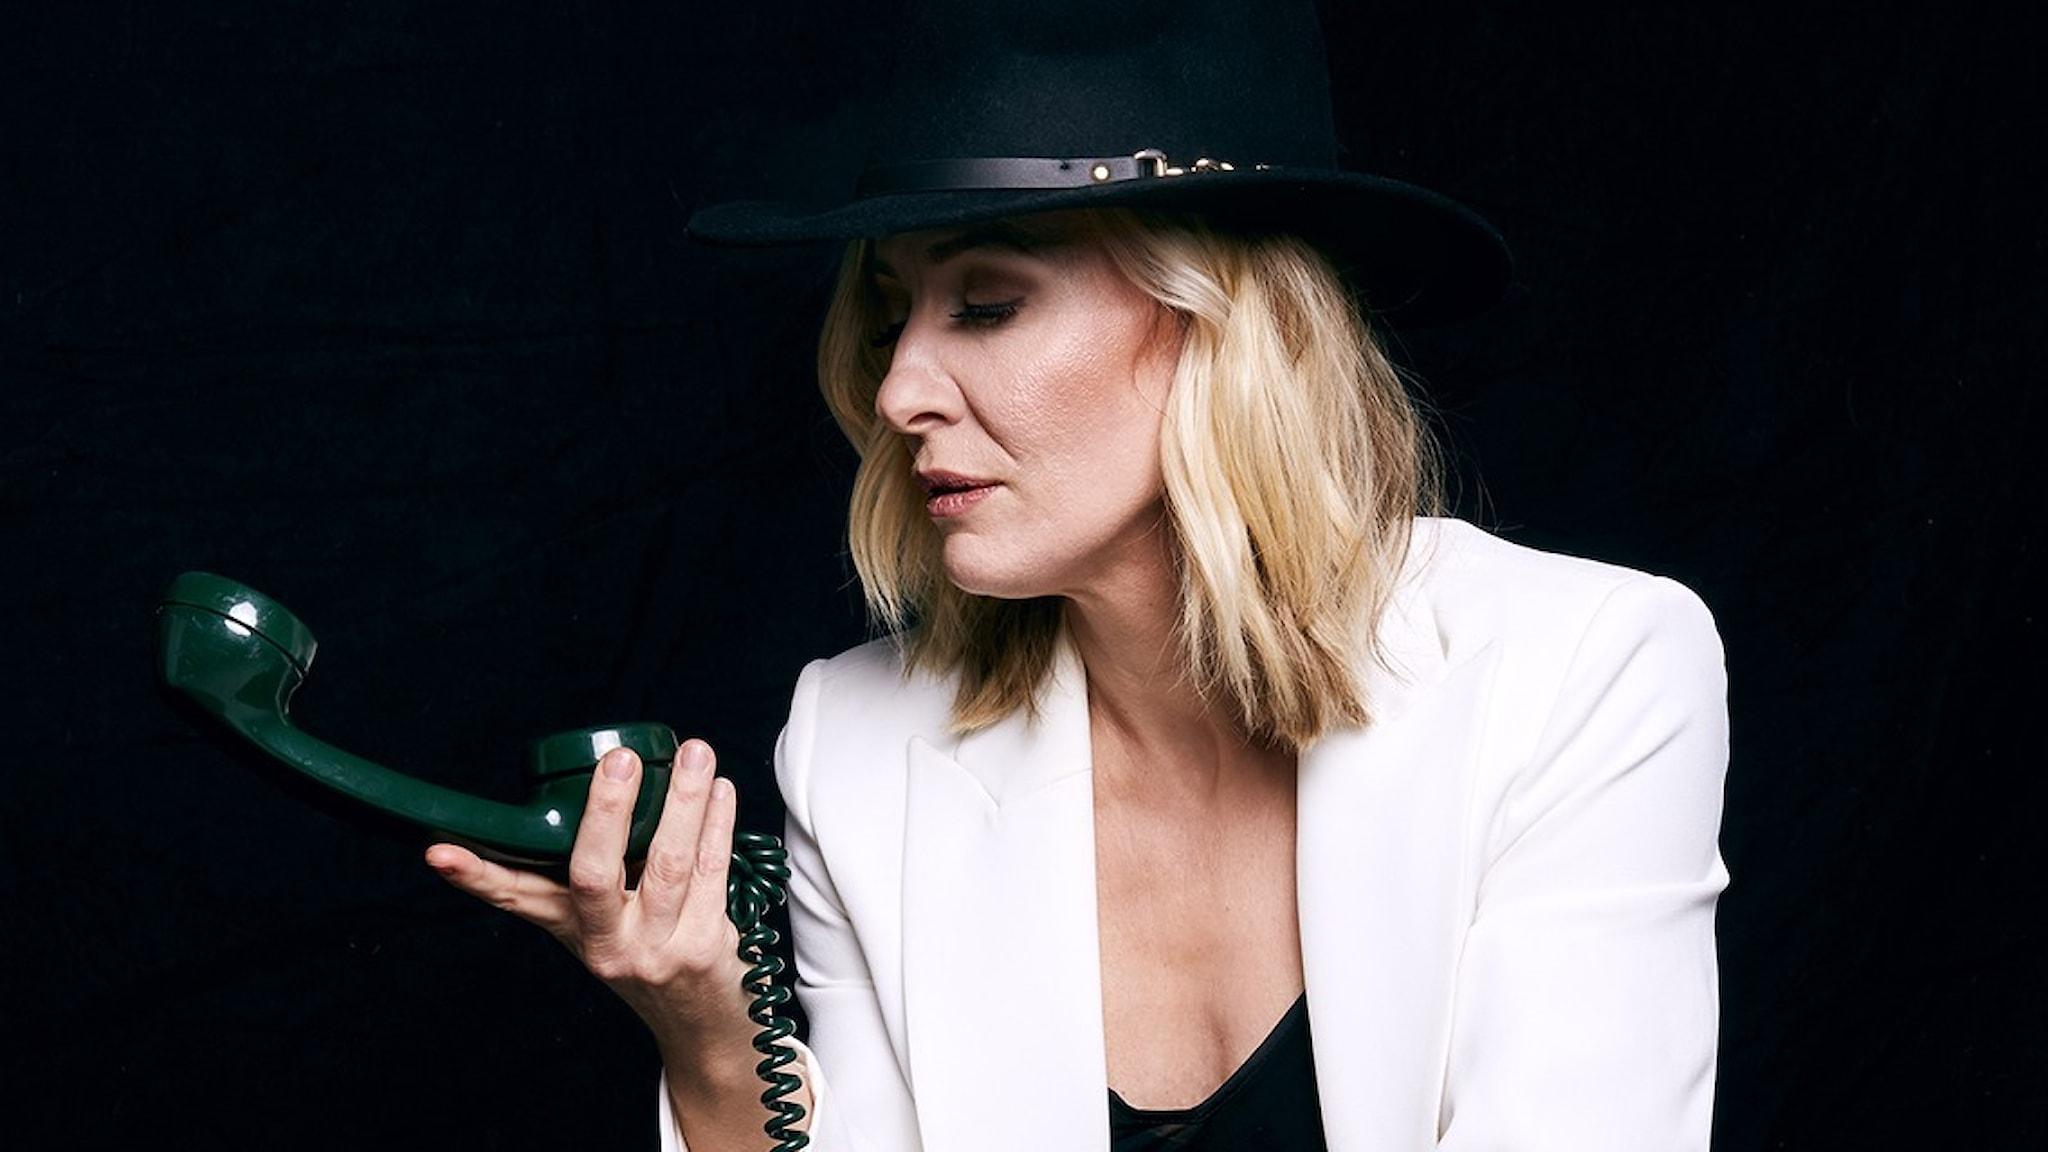 Sångerskan, pianisten och låtskrivaren Ida Sand sitter i vit kavaj med svart hatt mot en svart bakgrund och tittar på en telefonlur som hon har i handen. Foto: ACT_Josefine Bäckström